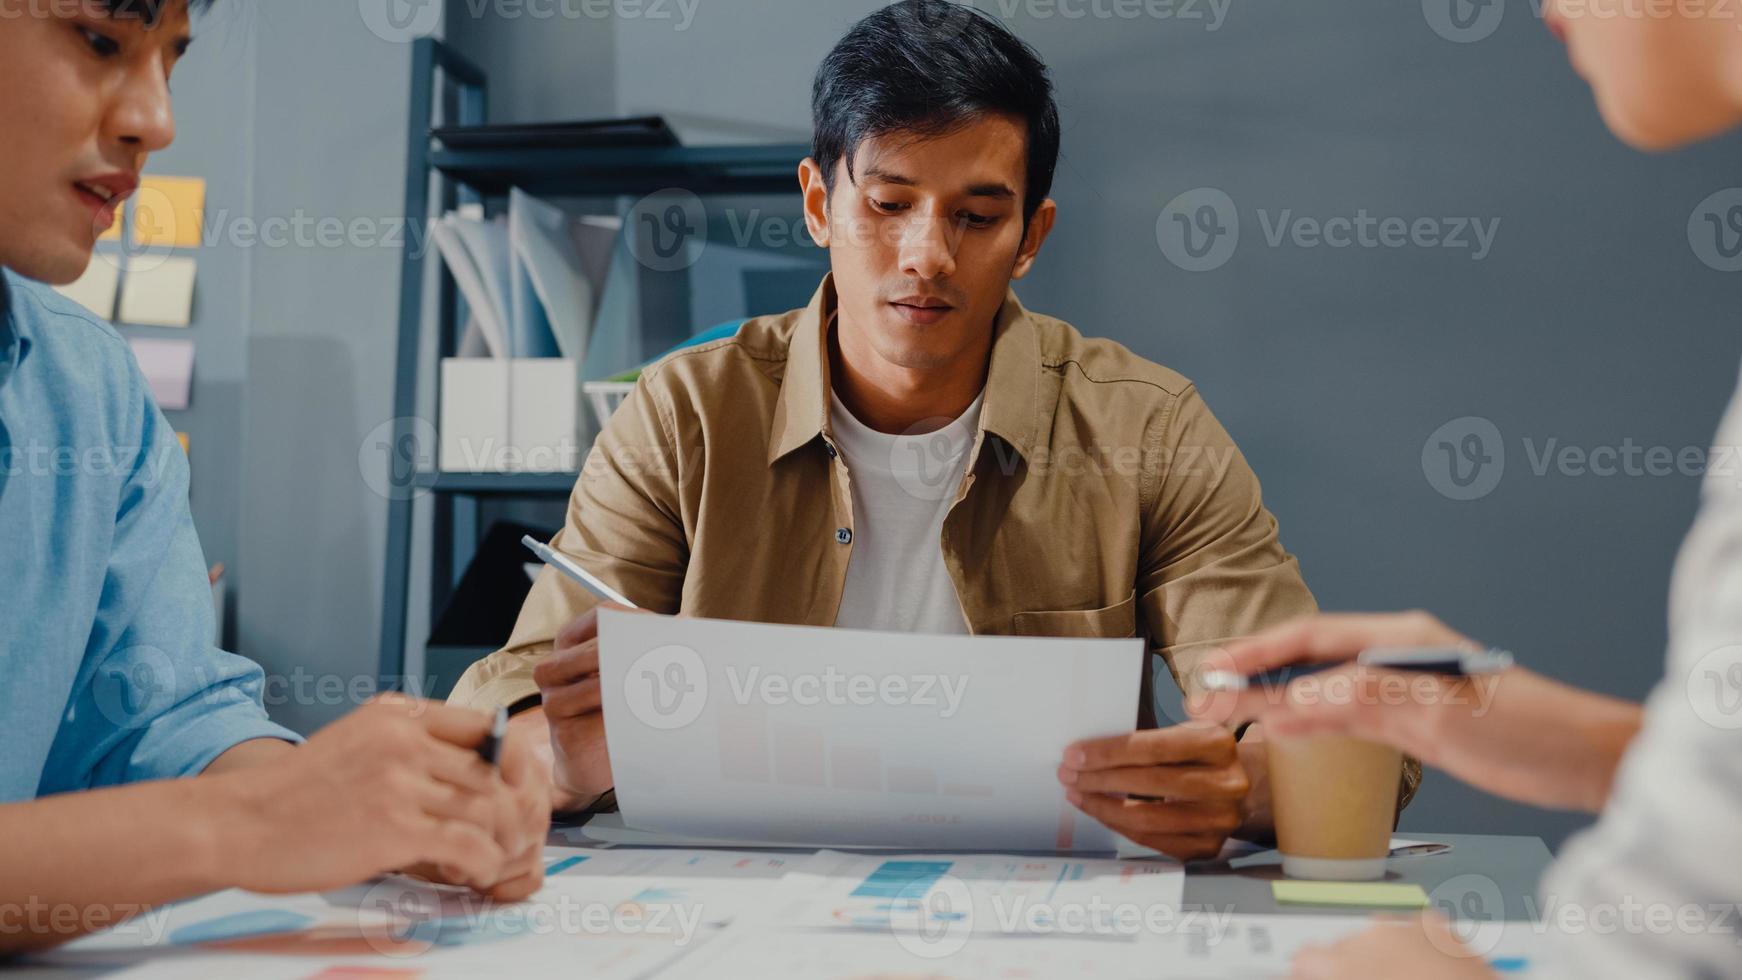 felices jóvenes empresarios asiáticos y mujeres de negocios reunidos intercambiando ideas sobre nuevas ideas sobre proyectos para su socio trabajando juntos planificando la estrategia de éxito disfrutan del trabajo en equipo en la pequeña y moderna oficina en casa. foto